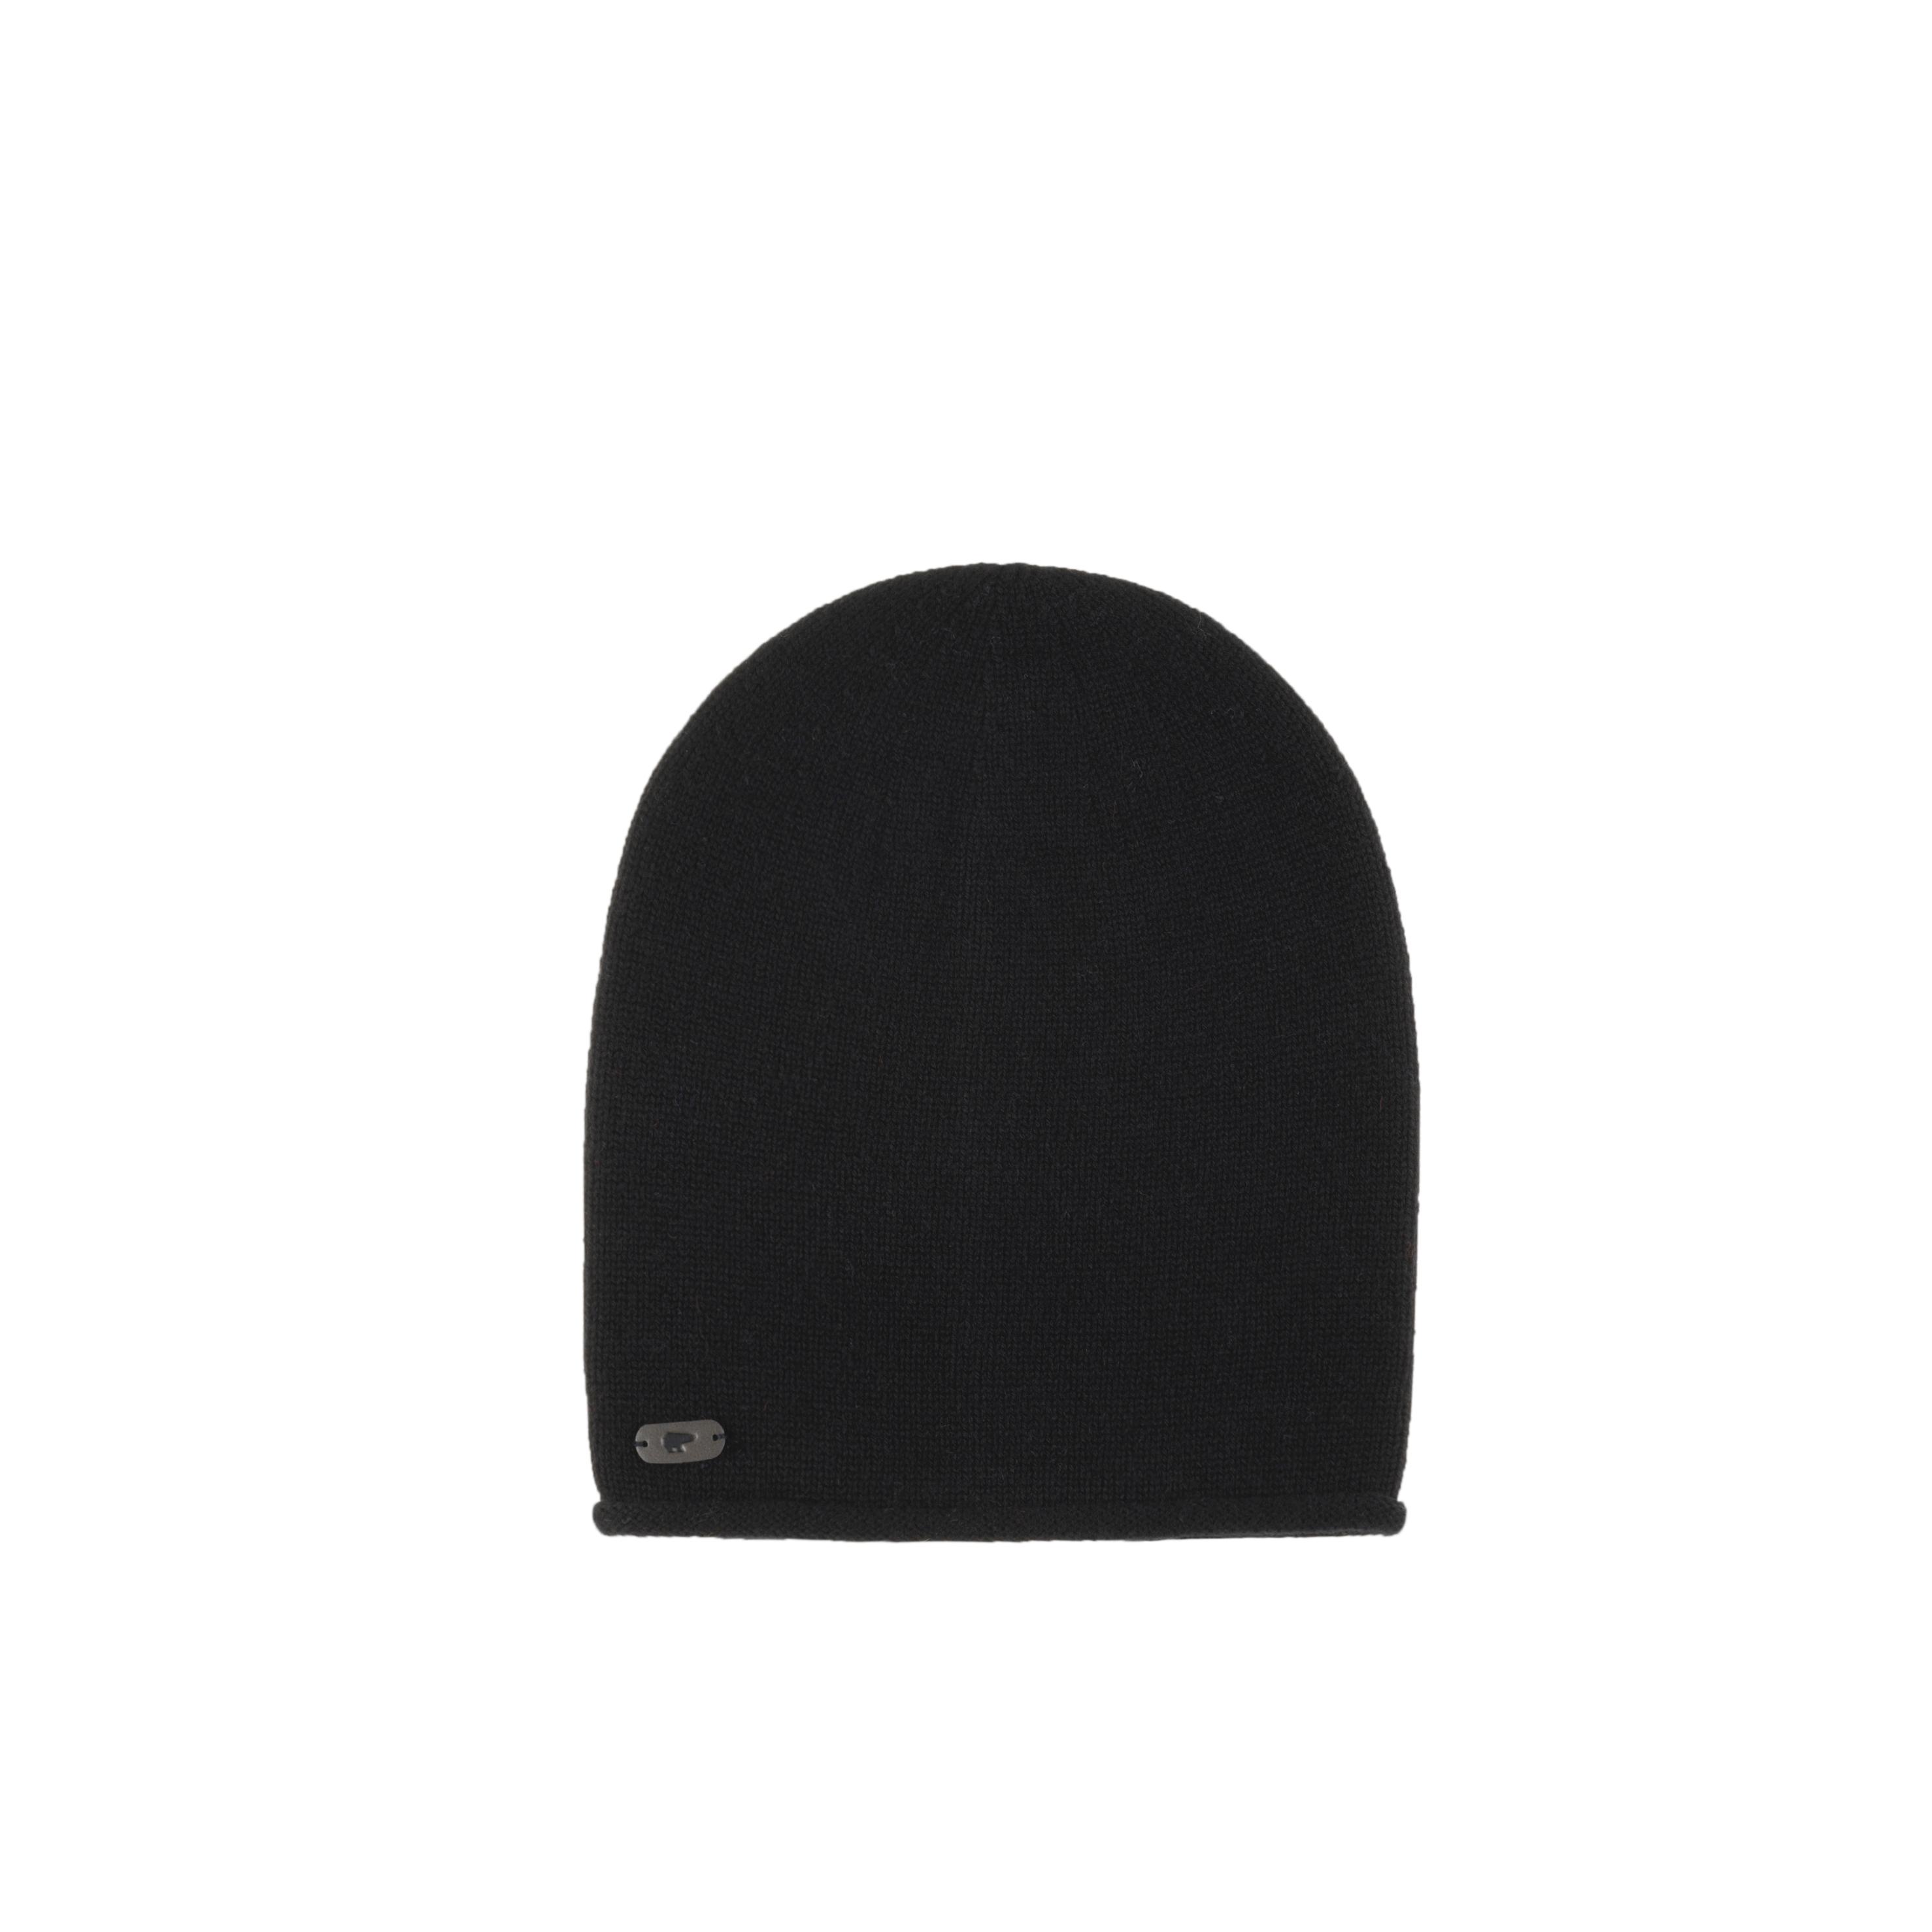 Eisbär Soft Mütze- schwarz